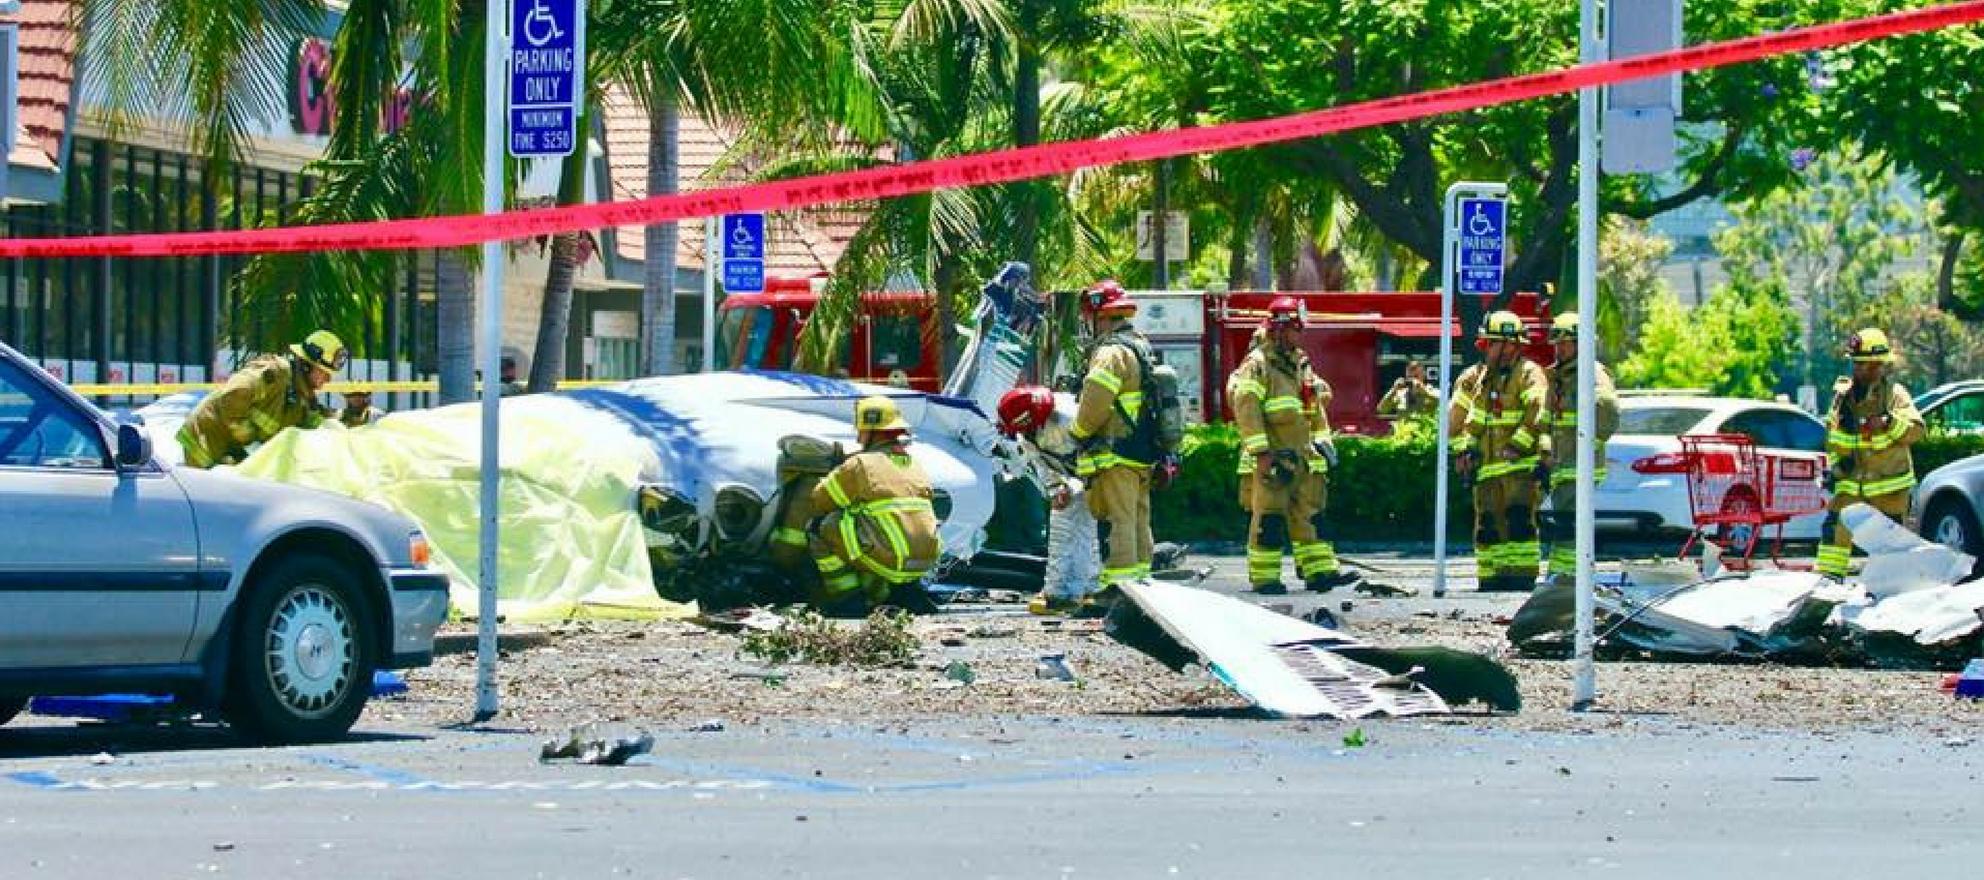 Pacific Union plane crash